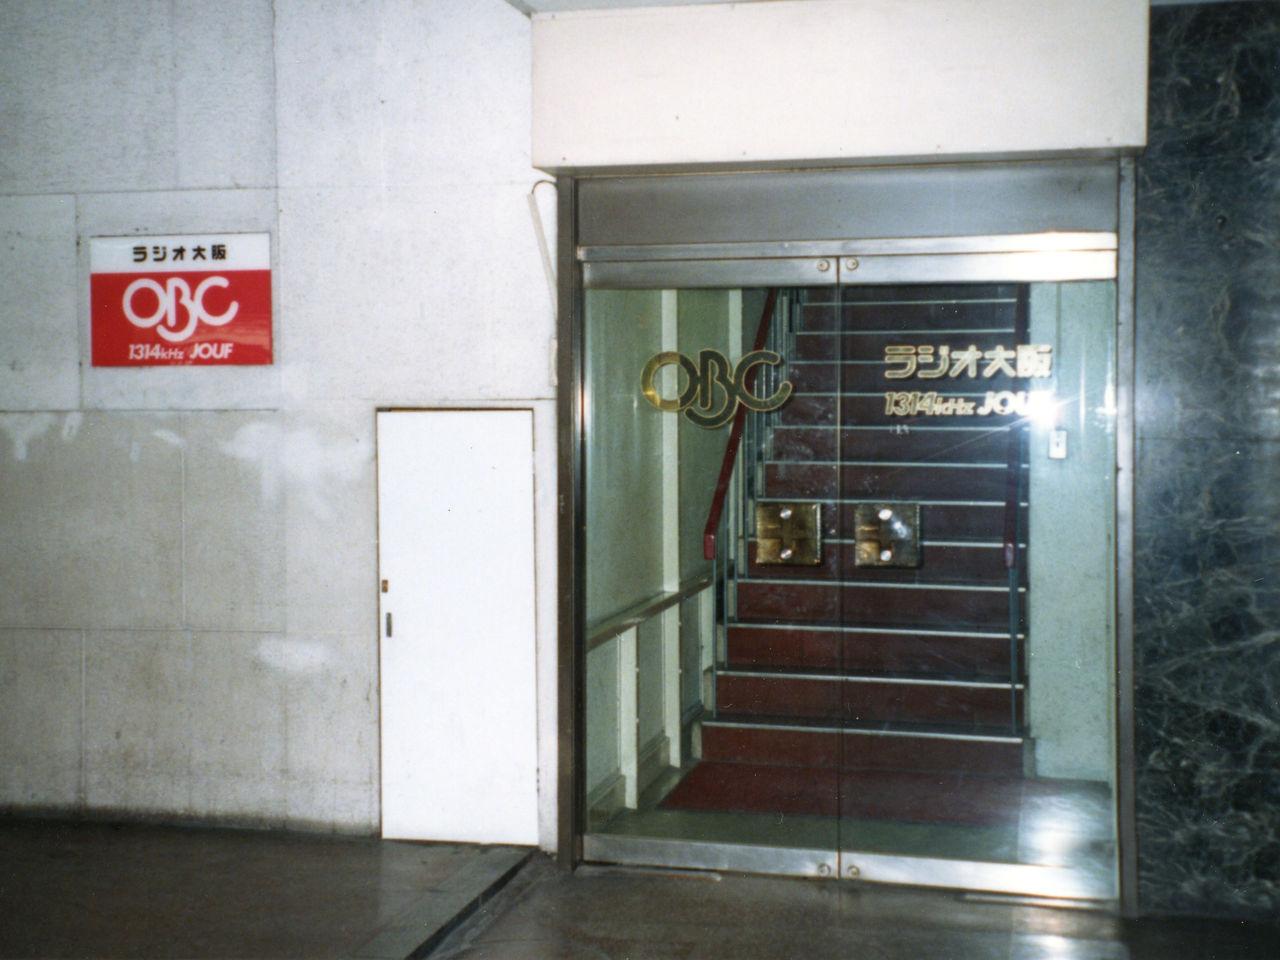 桜橋時代のOBCラジオ大阪